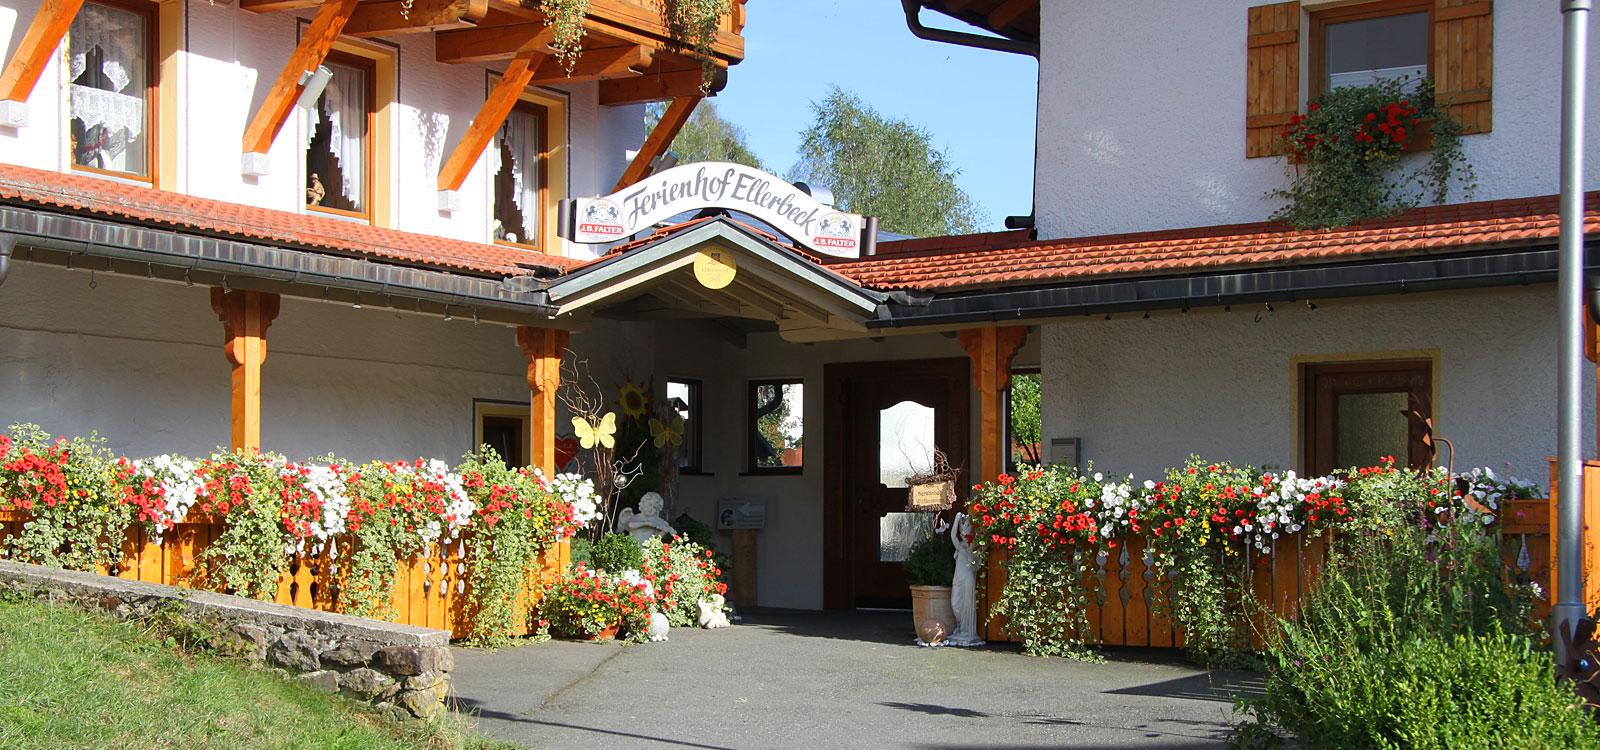 Gesundheitsferienhof im Bayerischen Wald